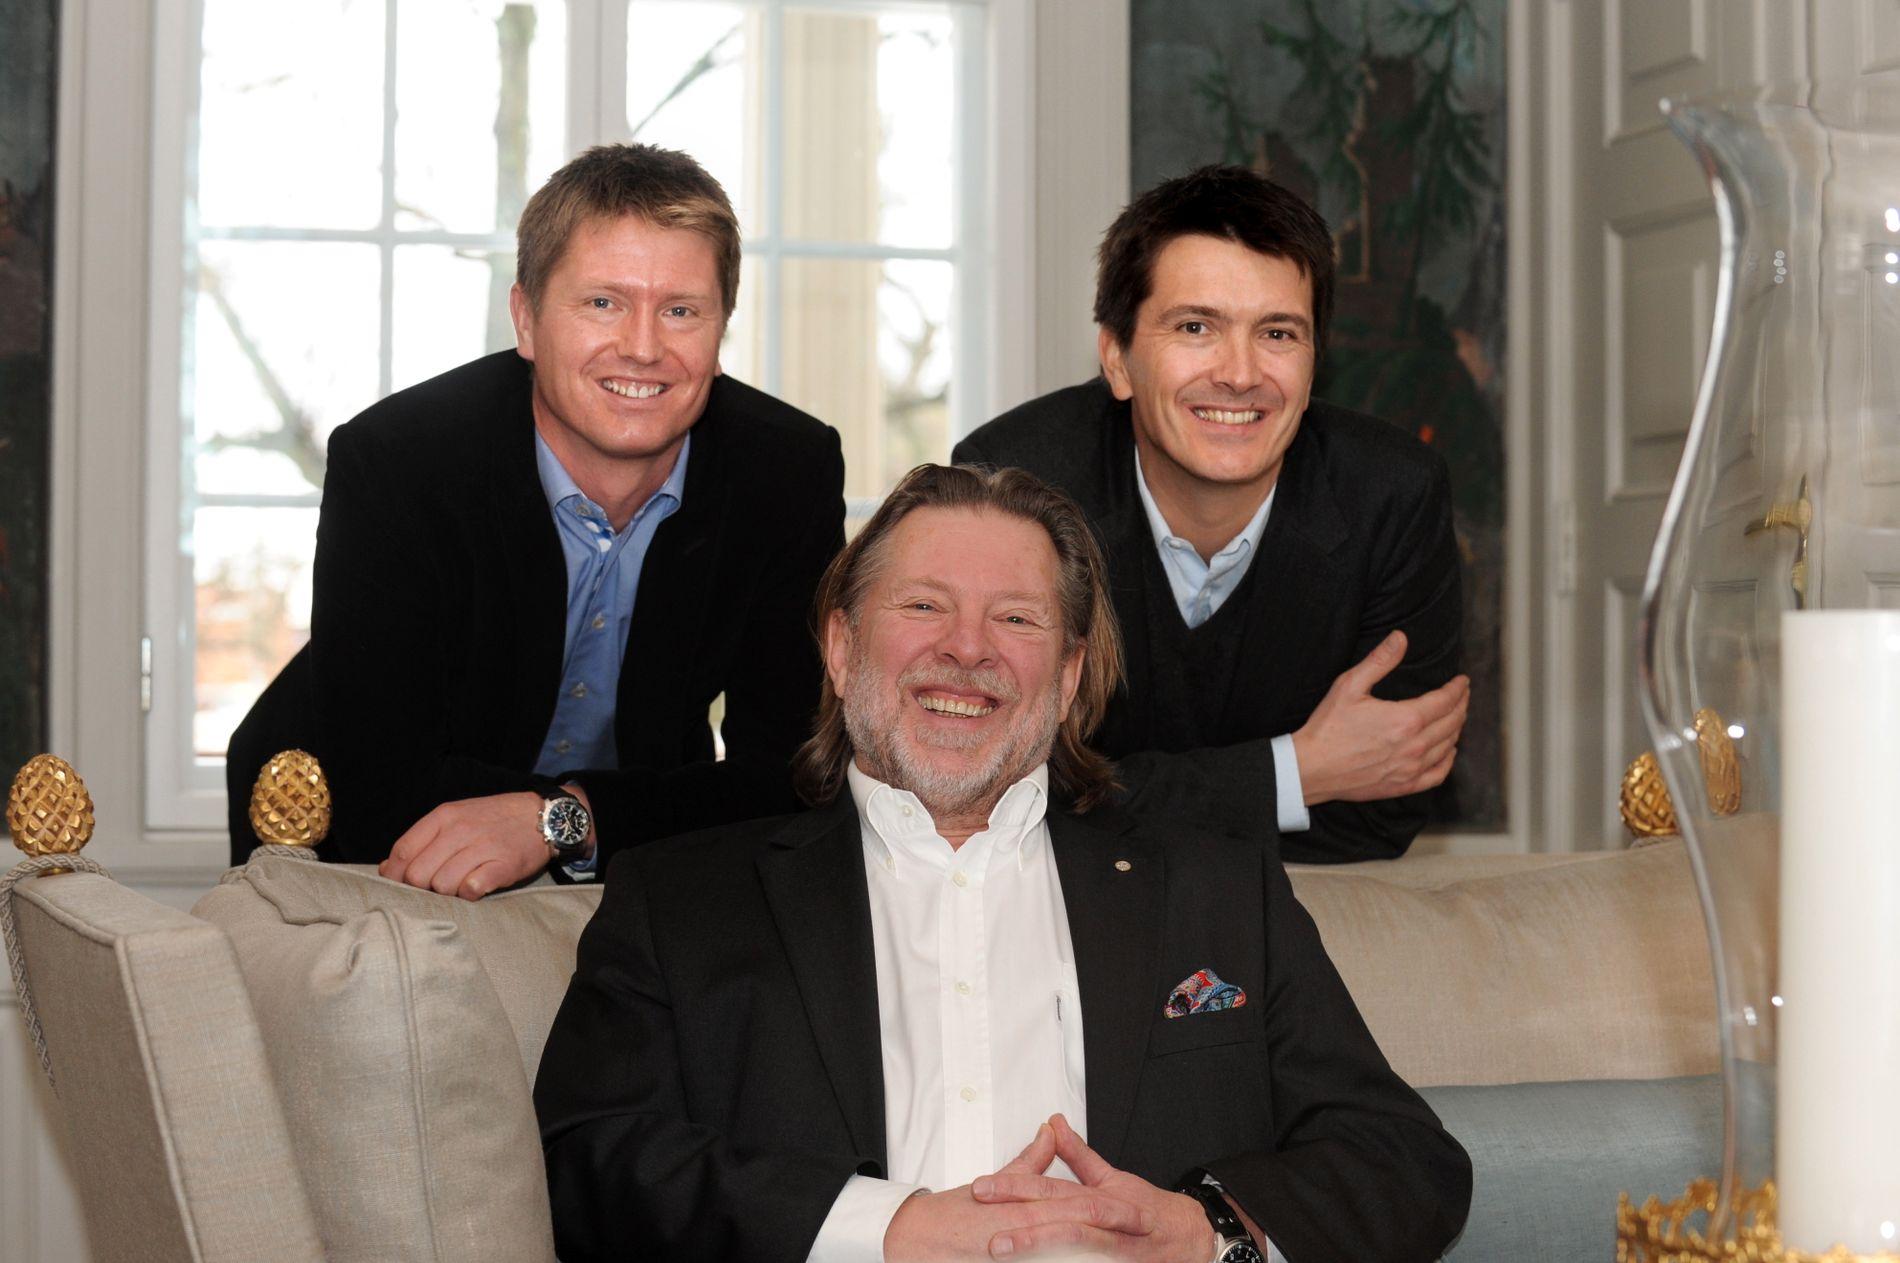 DAGLIGVAREKONGER: Reitan-familien fotografert for noen år siden. Pappa Odd (foran) med sønnene Ole Robert (til høyre) og Magnus stående bak.